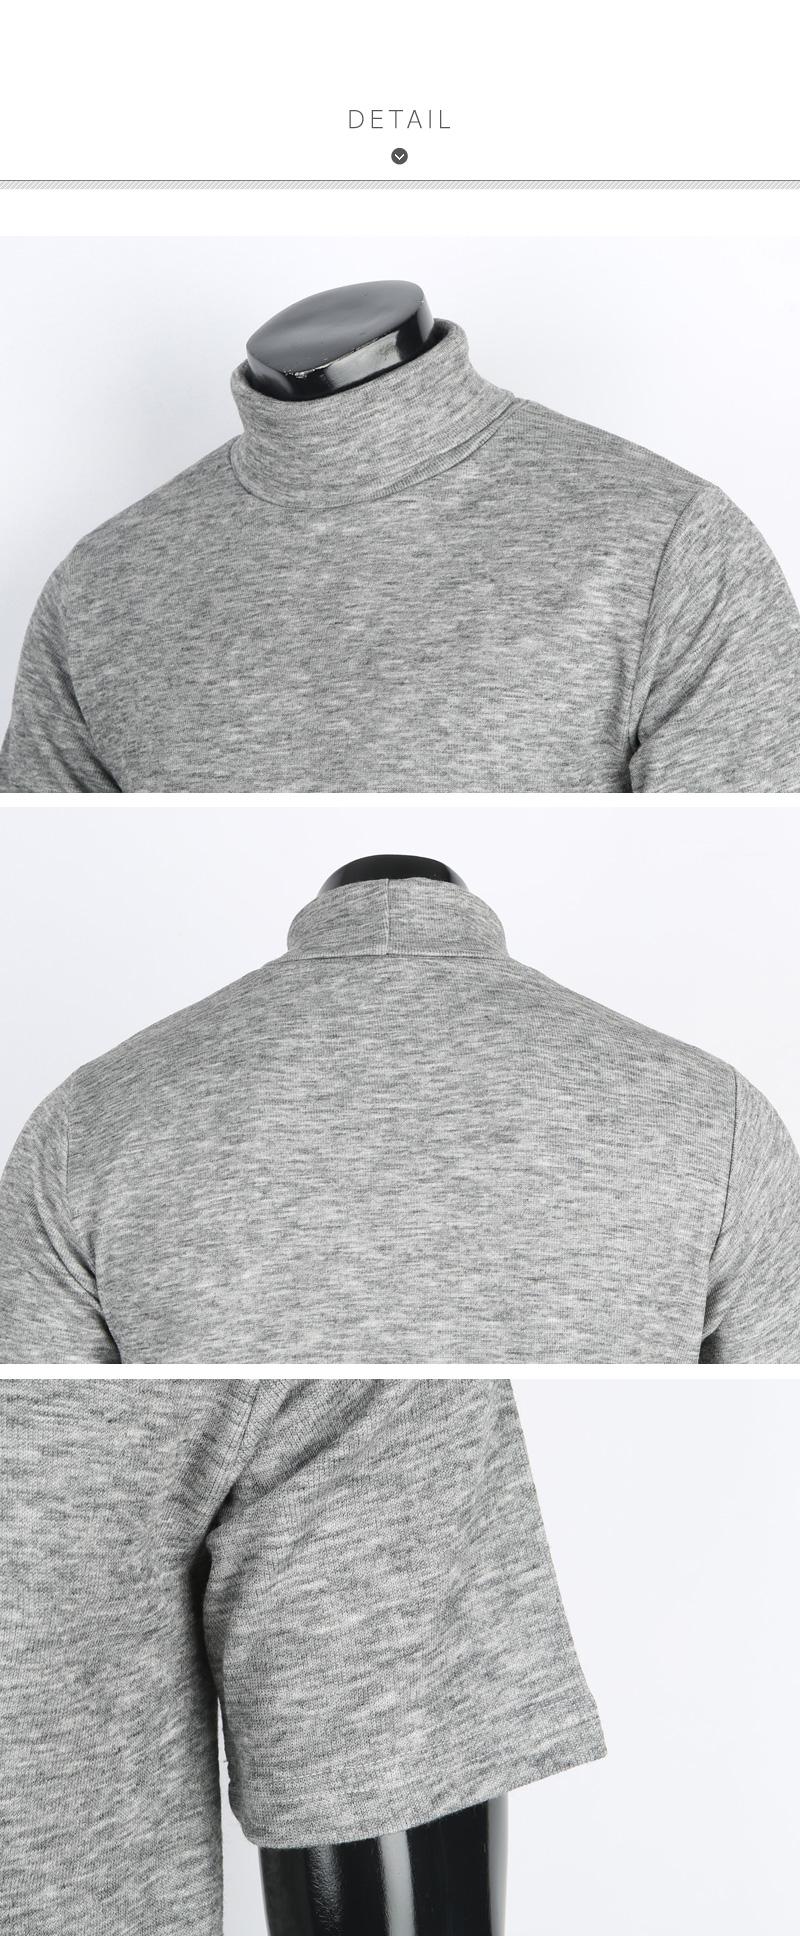 남성 반팔 목폴라 티셔츠 MGB854N15,720원-쿠비코패션의류, 남성상의, 상의, 긴팔티셔츠바보사랑남성 반팔 목폴라 티셔츠 MGB854N15,720원-쿠비코패션의류, 남성상의, 상의, 긴팔티셔츠바보사랑